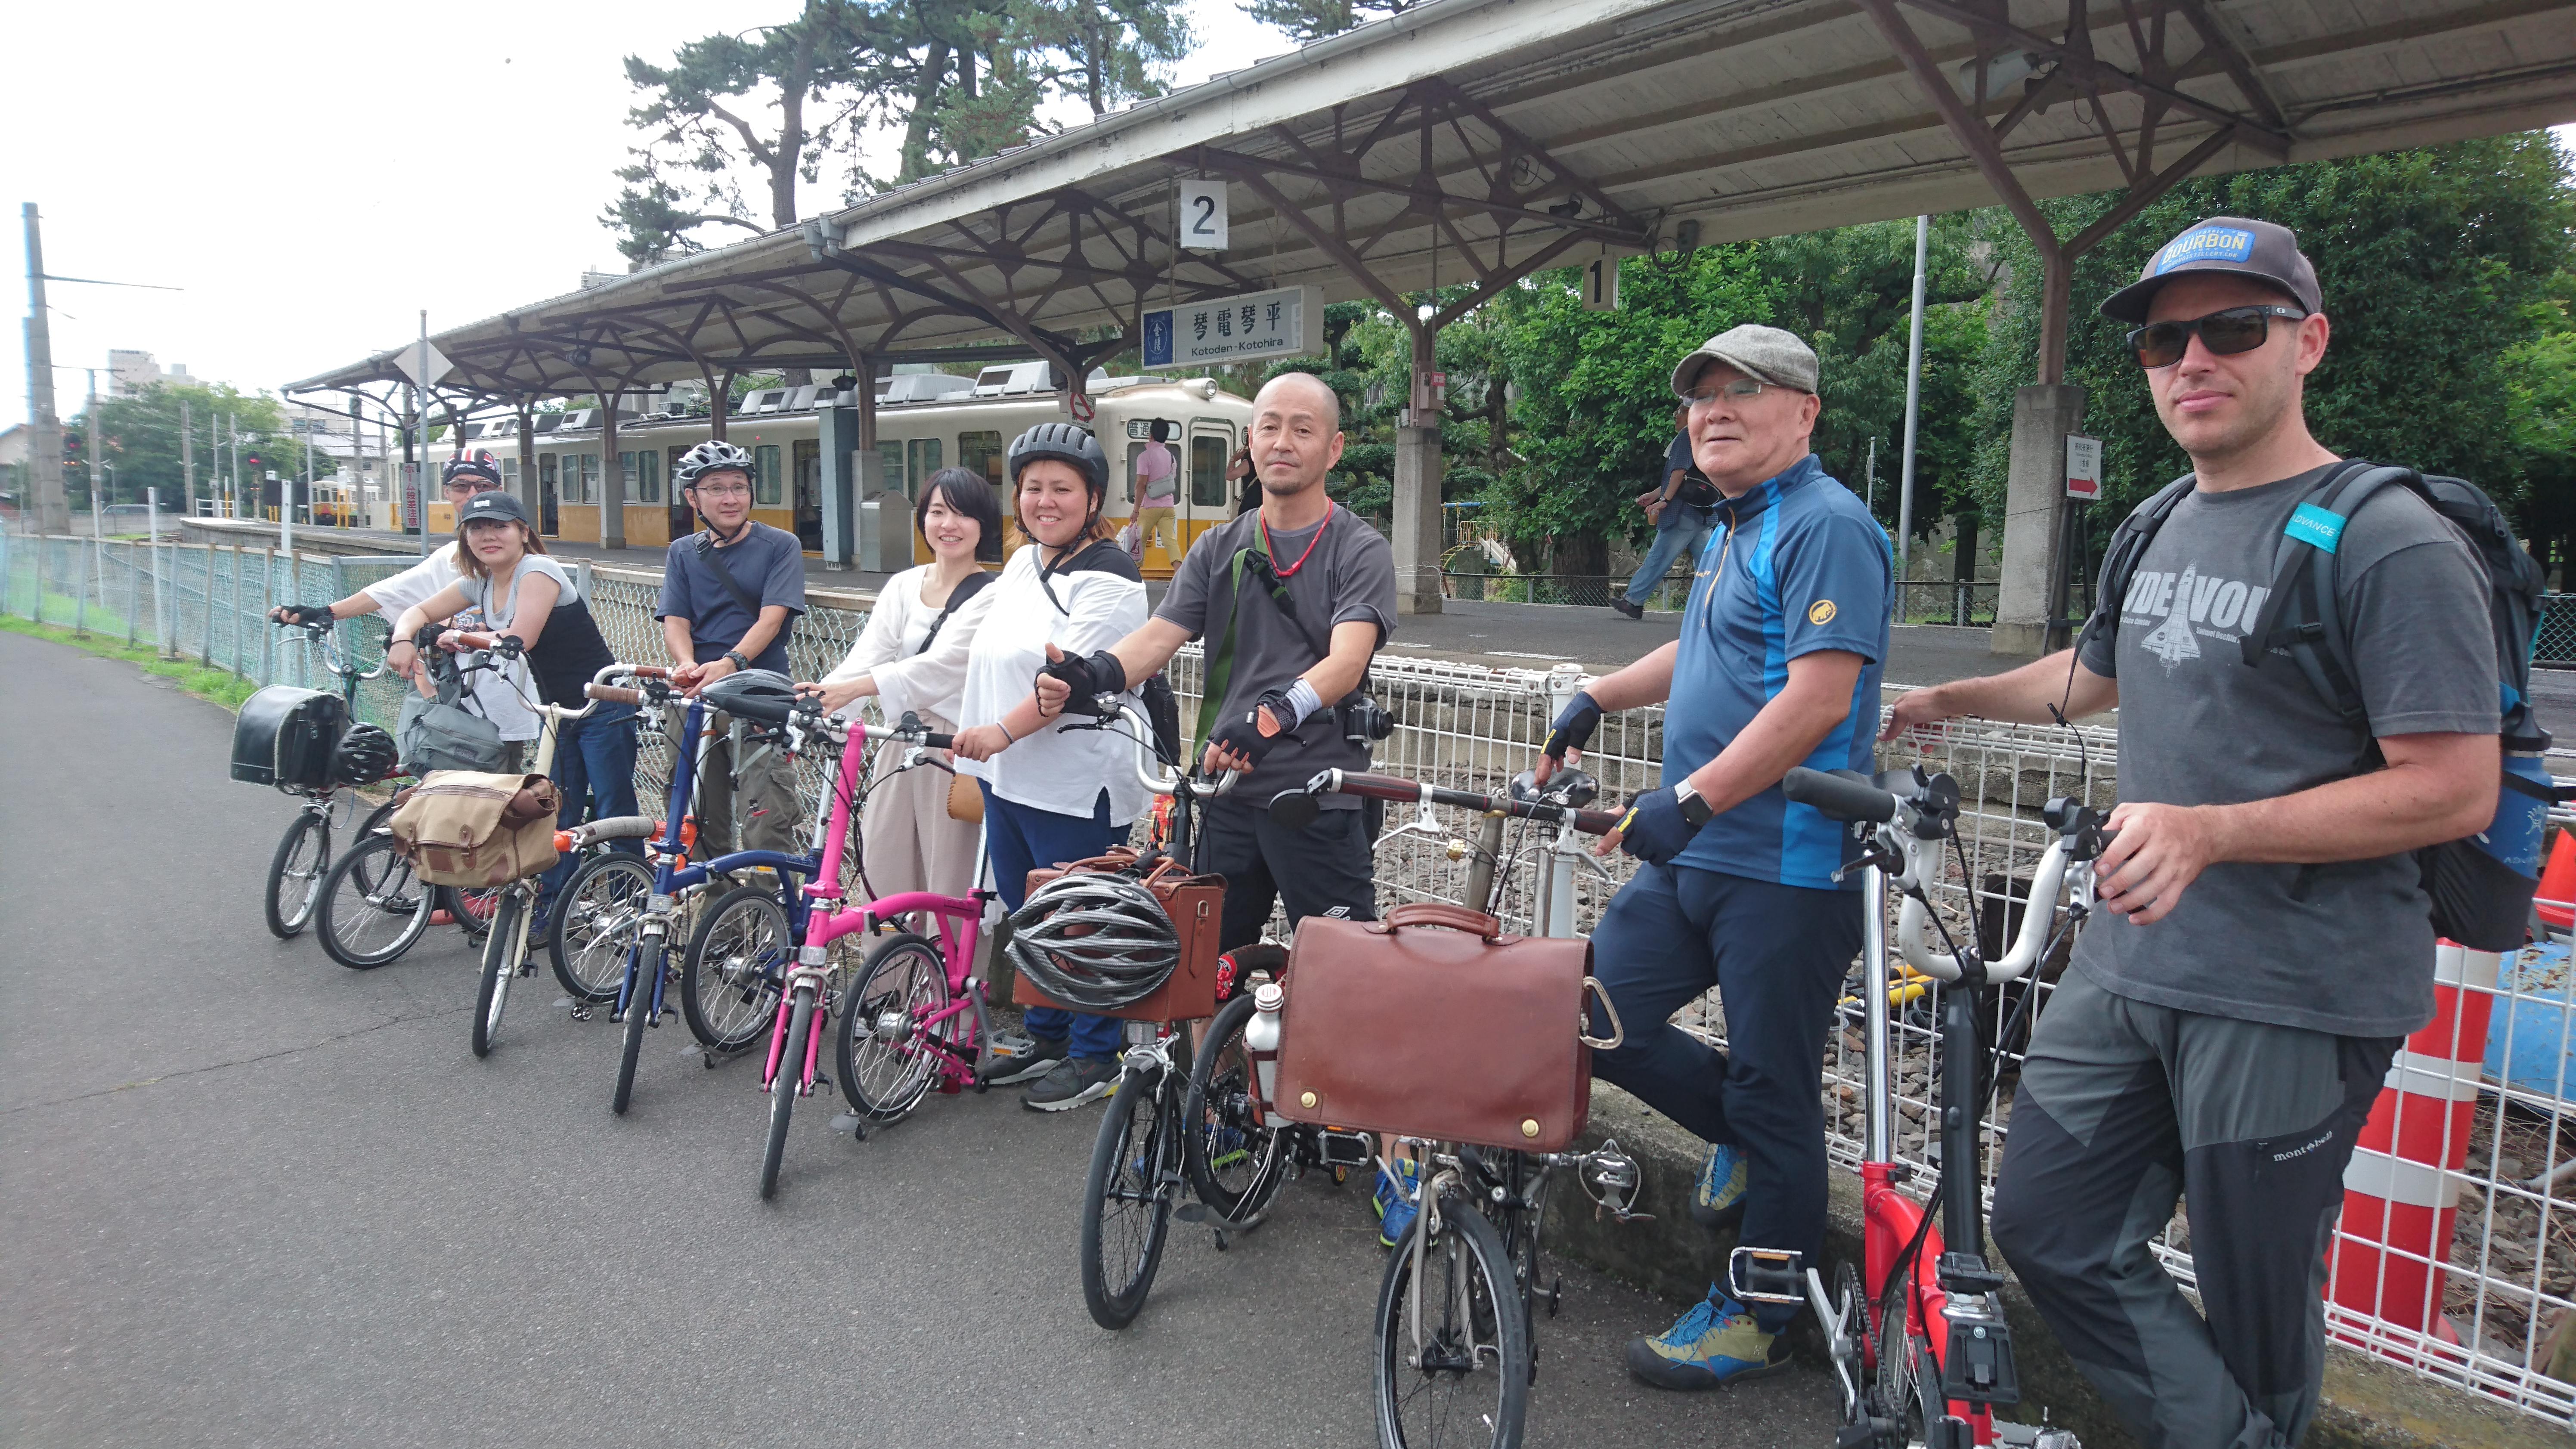 琴電の琴平駅にて。かつては金毘羅参りのため、四路線が入っていた。